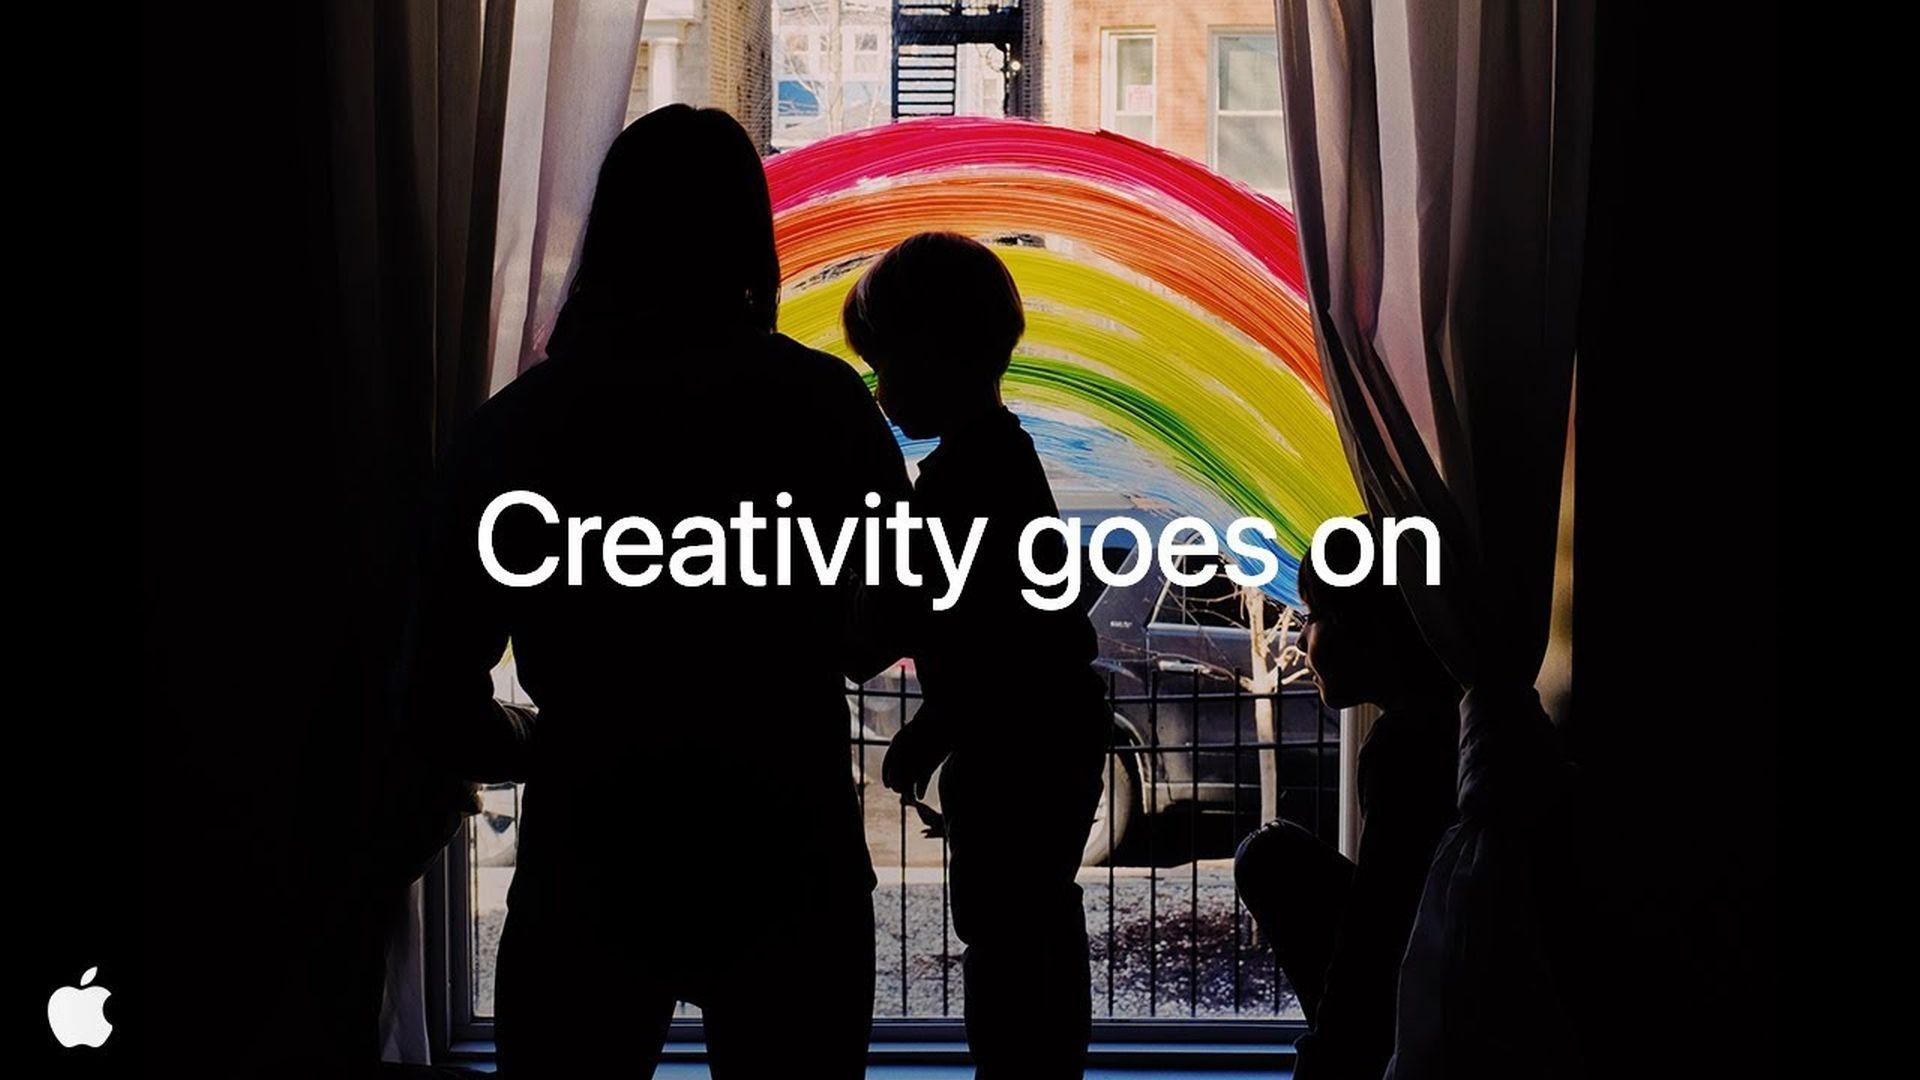 """Nowa reklama od firmy Apple zatytułowana """"Creativity goes on"""""""